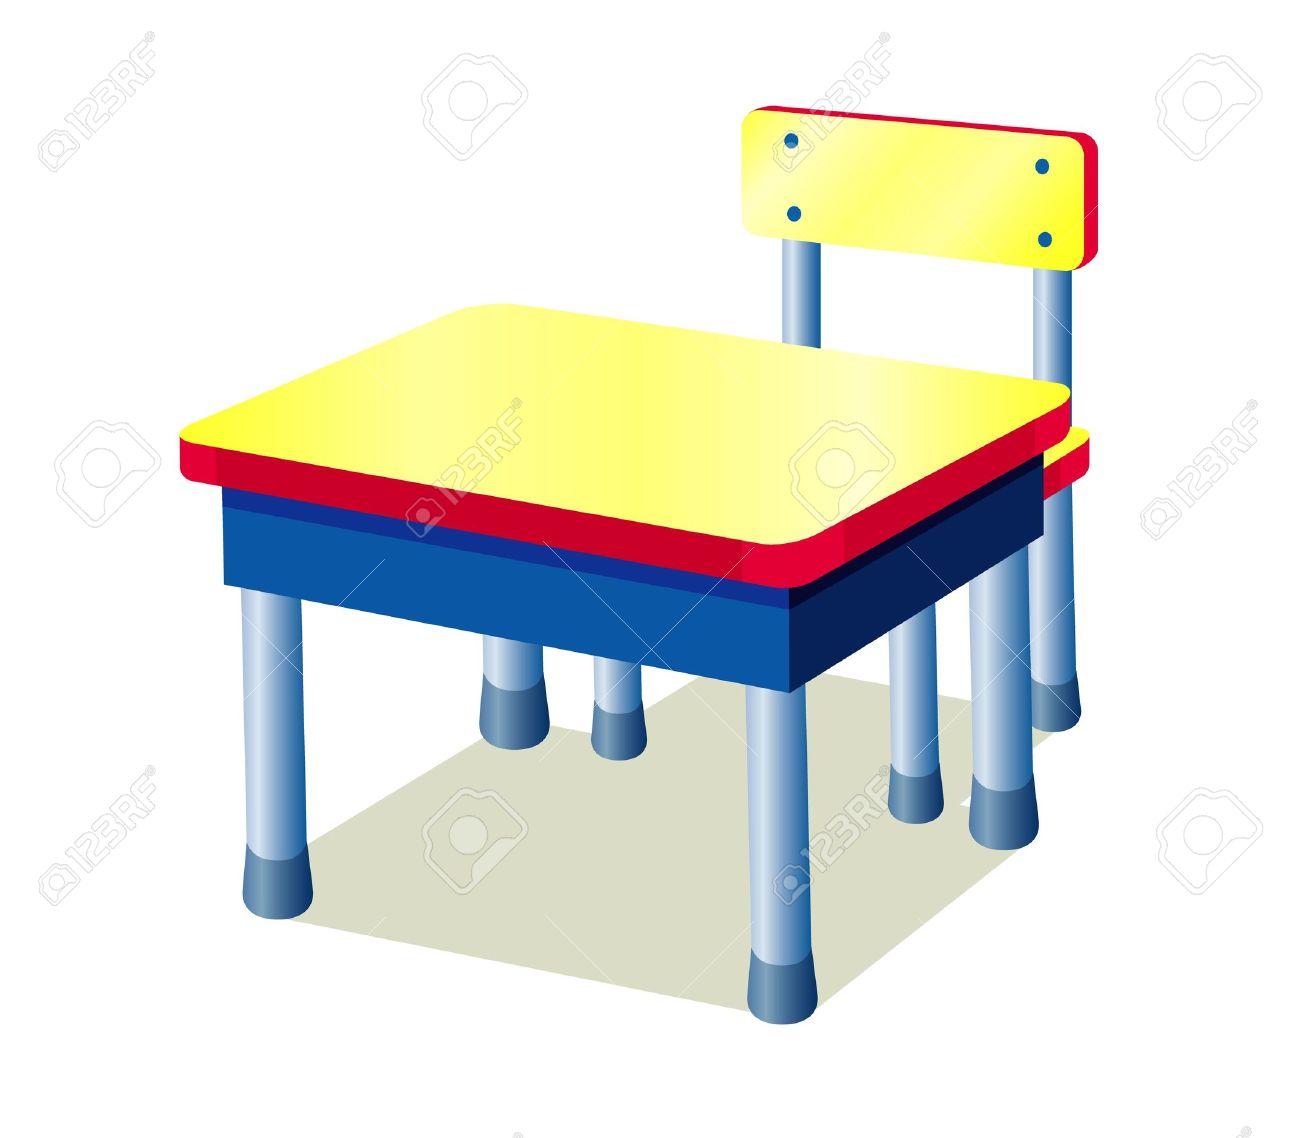 Tisch schule clipart  Schule Tisch Isoliert Auf Weiß Lizenzfrei Nutzbare Vektorgrafiken ...